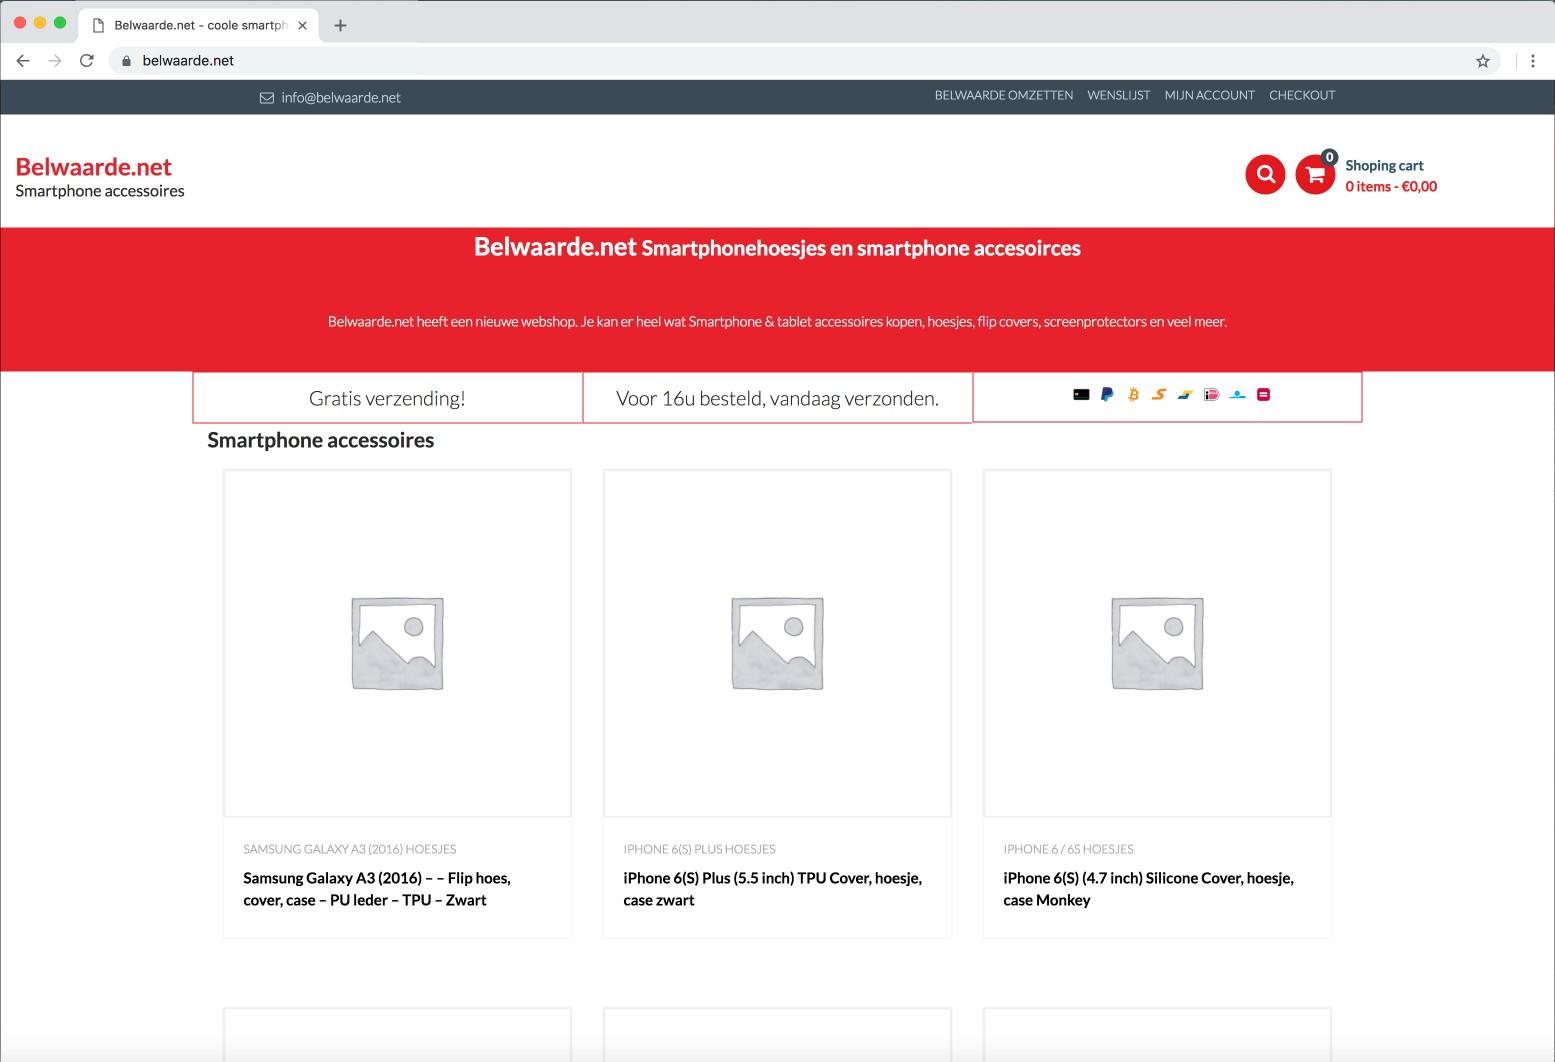 Belwaarde.net